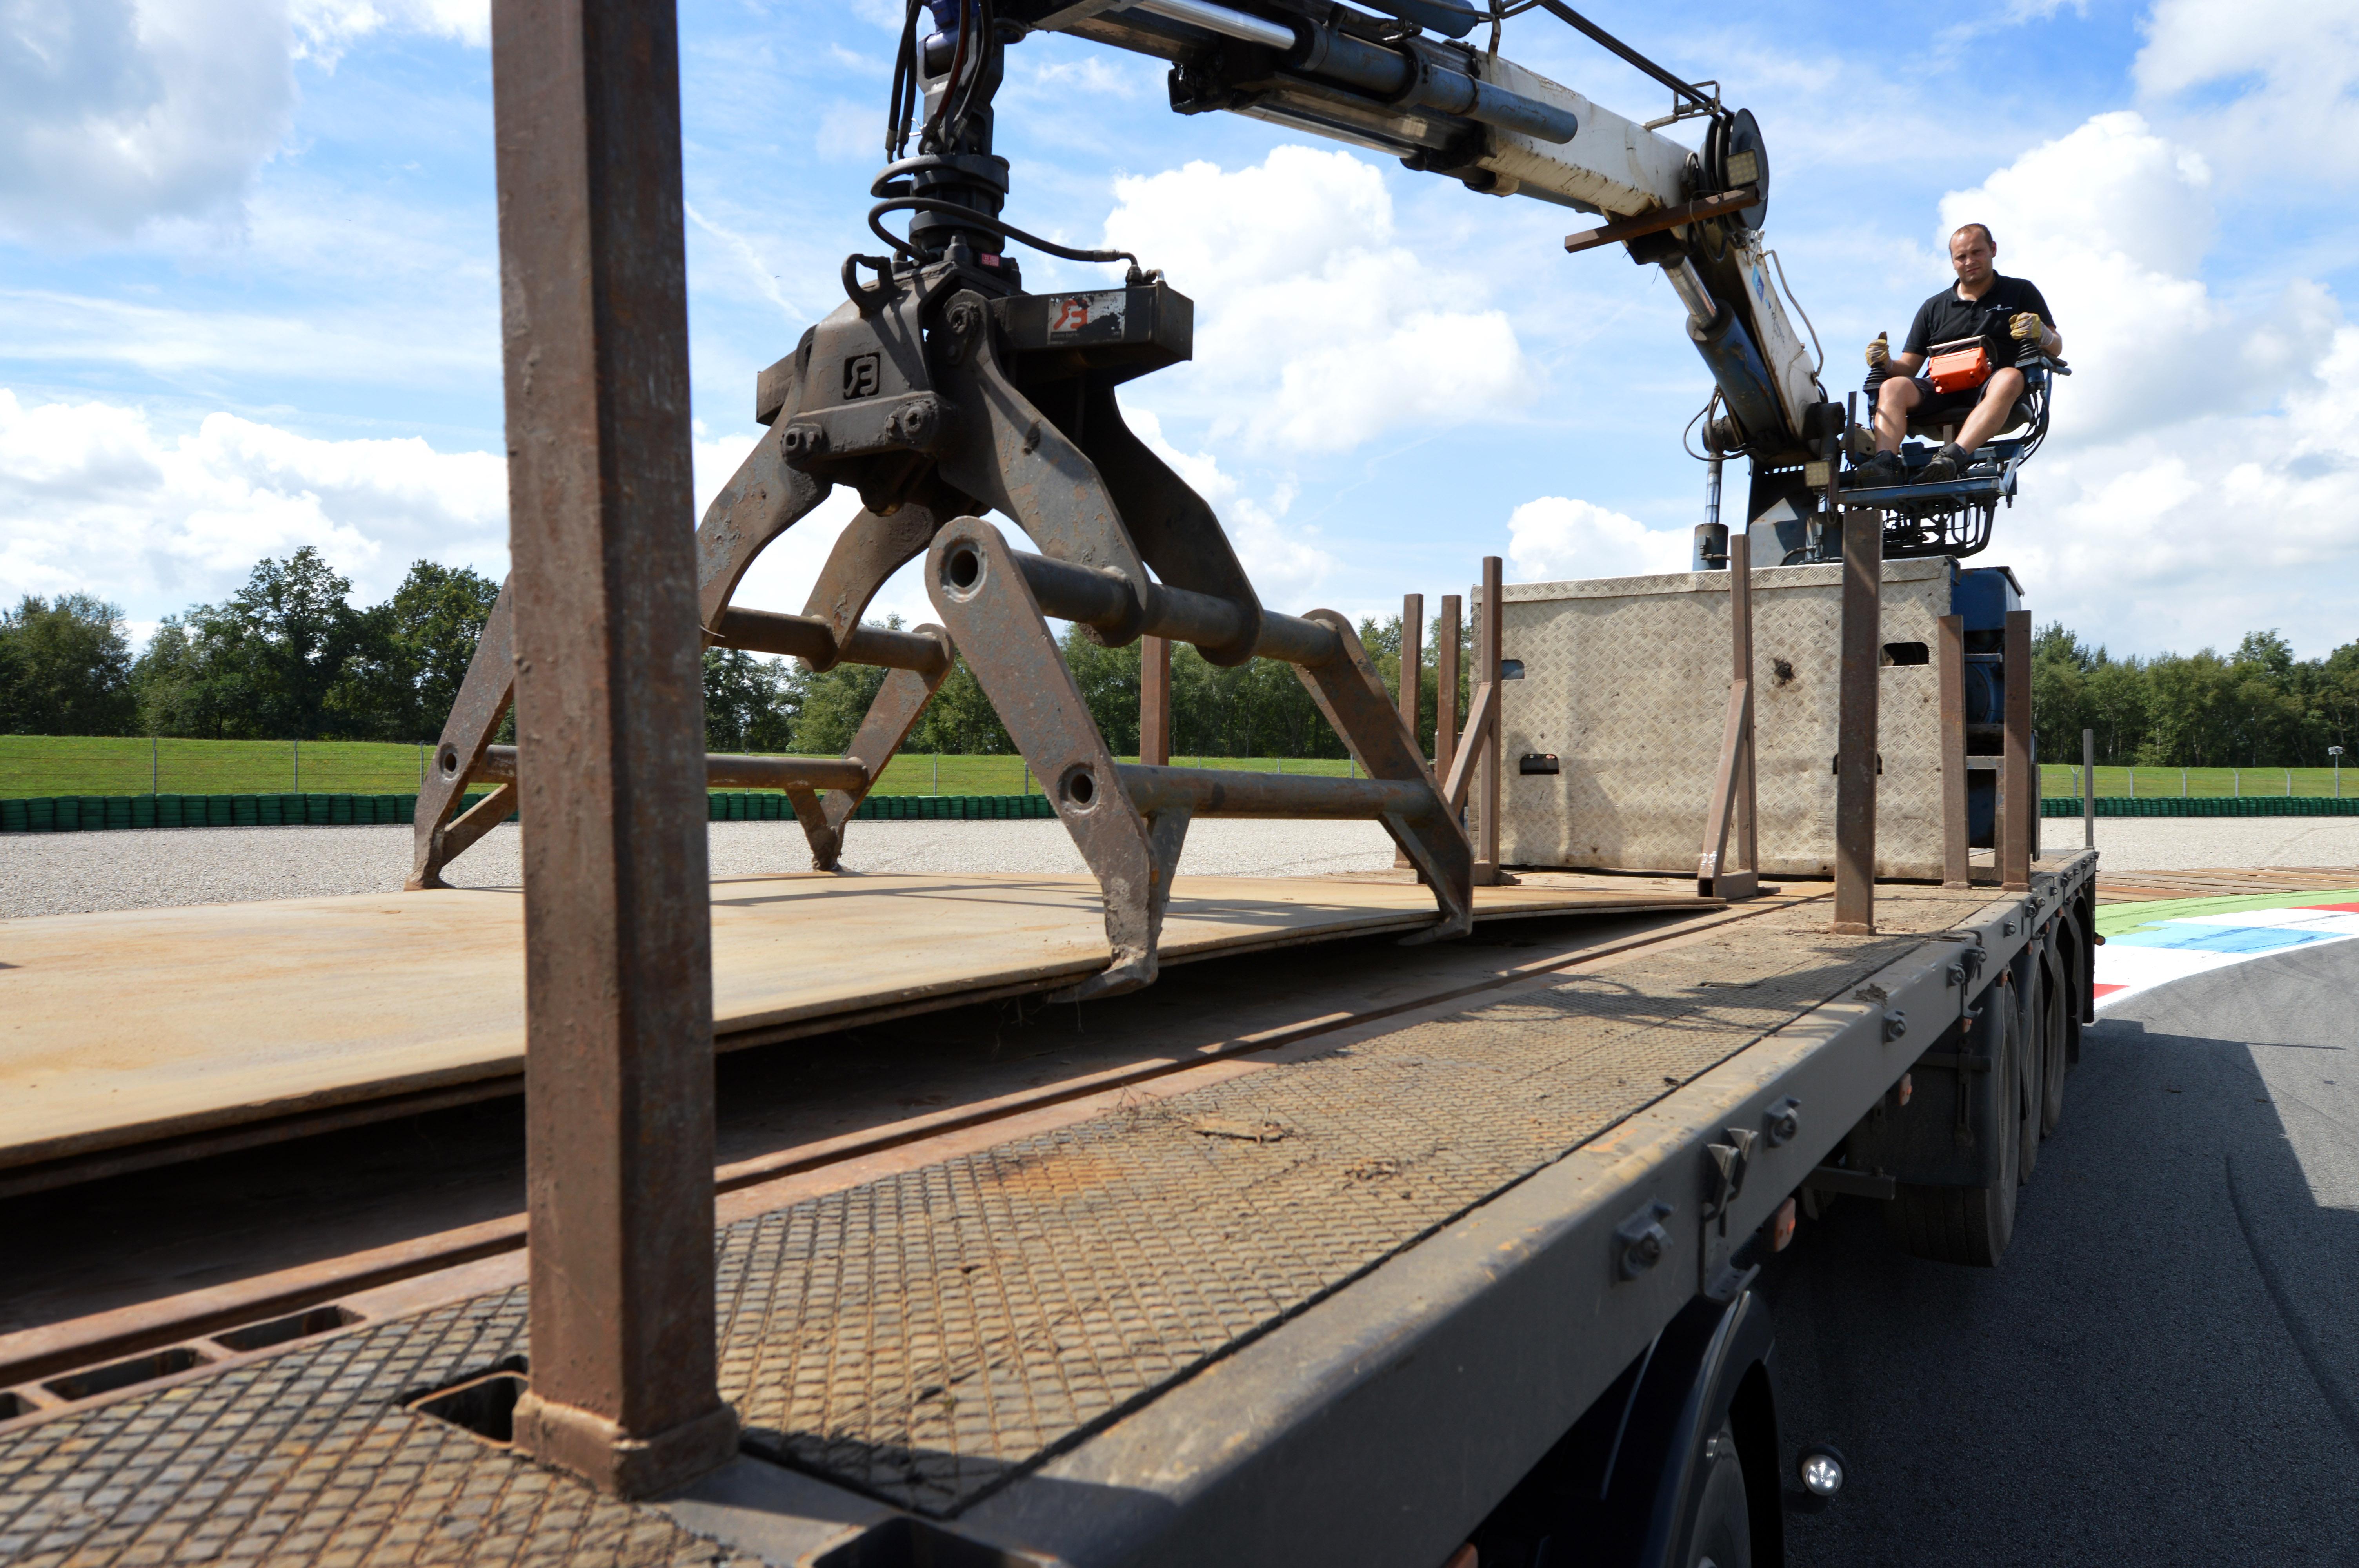 <p>De opleggers zijn vanwege de rijplaten uitgevoerd met extra rongen en rongpotten. Met de klem zijn ook de grote rijplaten te leggen.  </p>